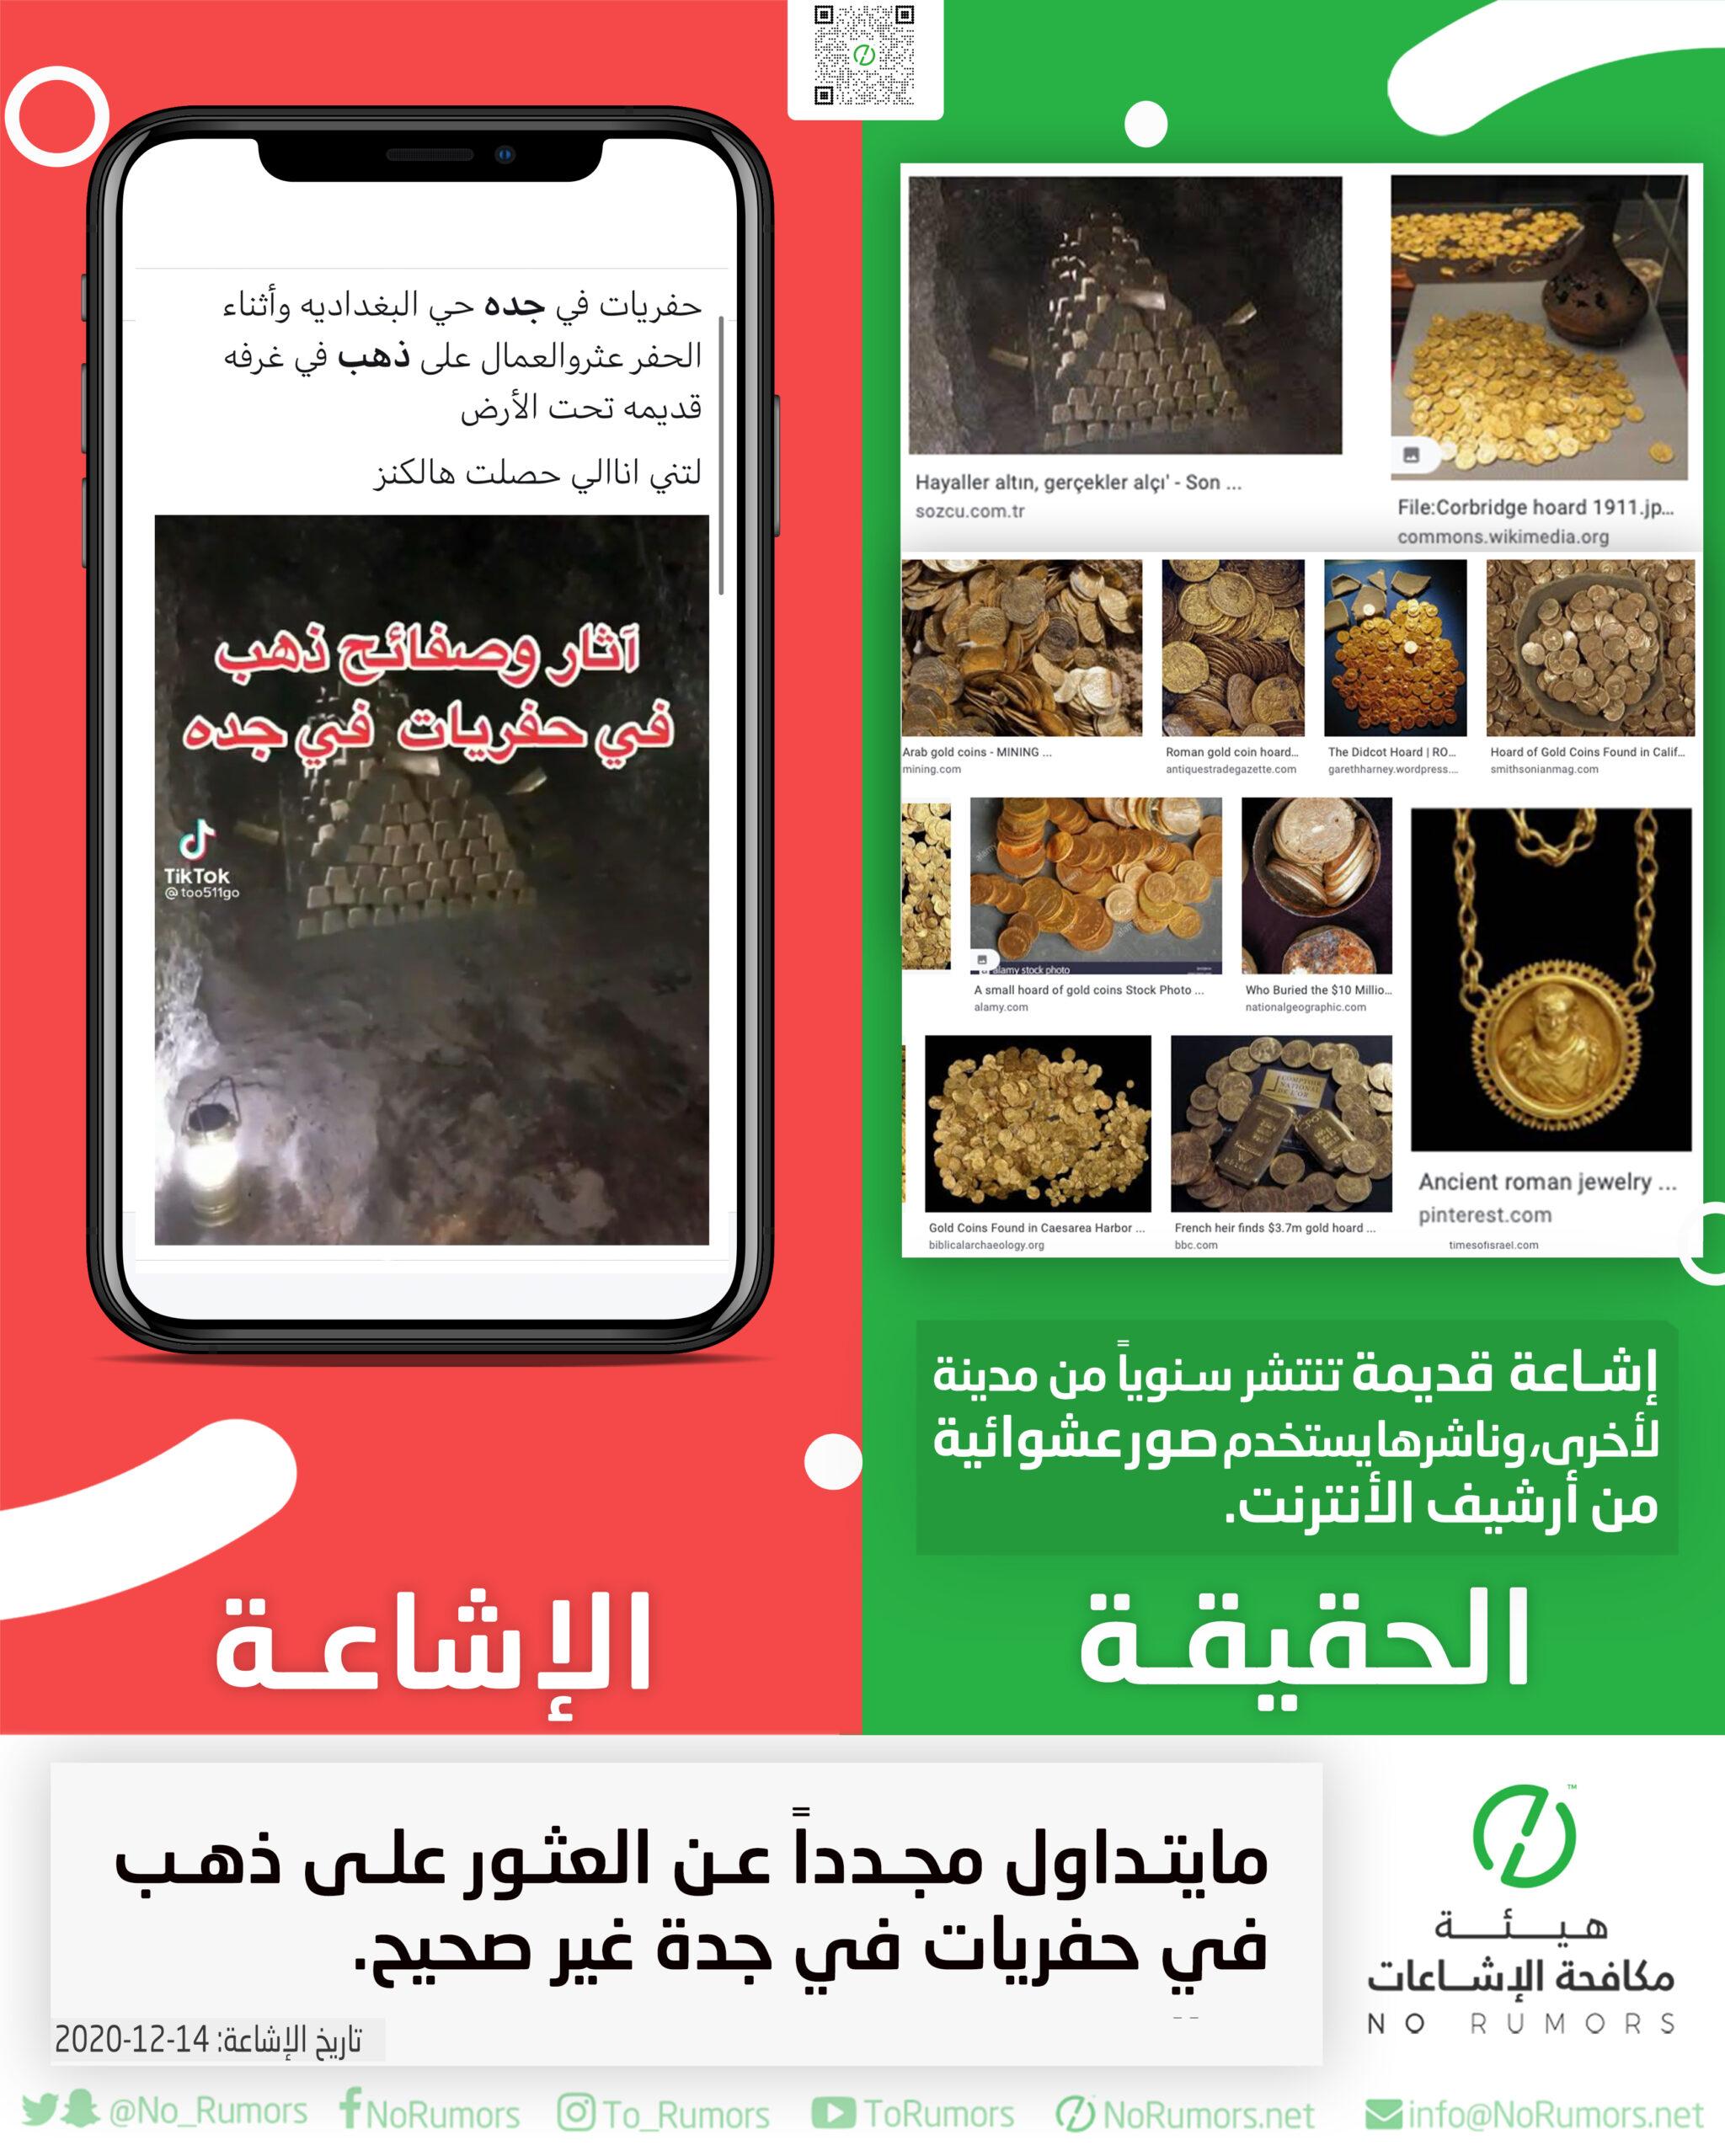 حقيقة مايتداول مجدداً عن العثور على ذهب في حفريات في جدة